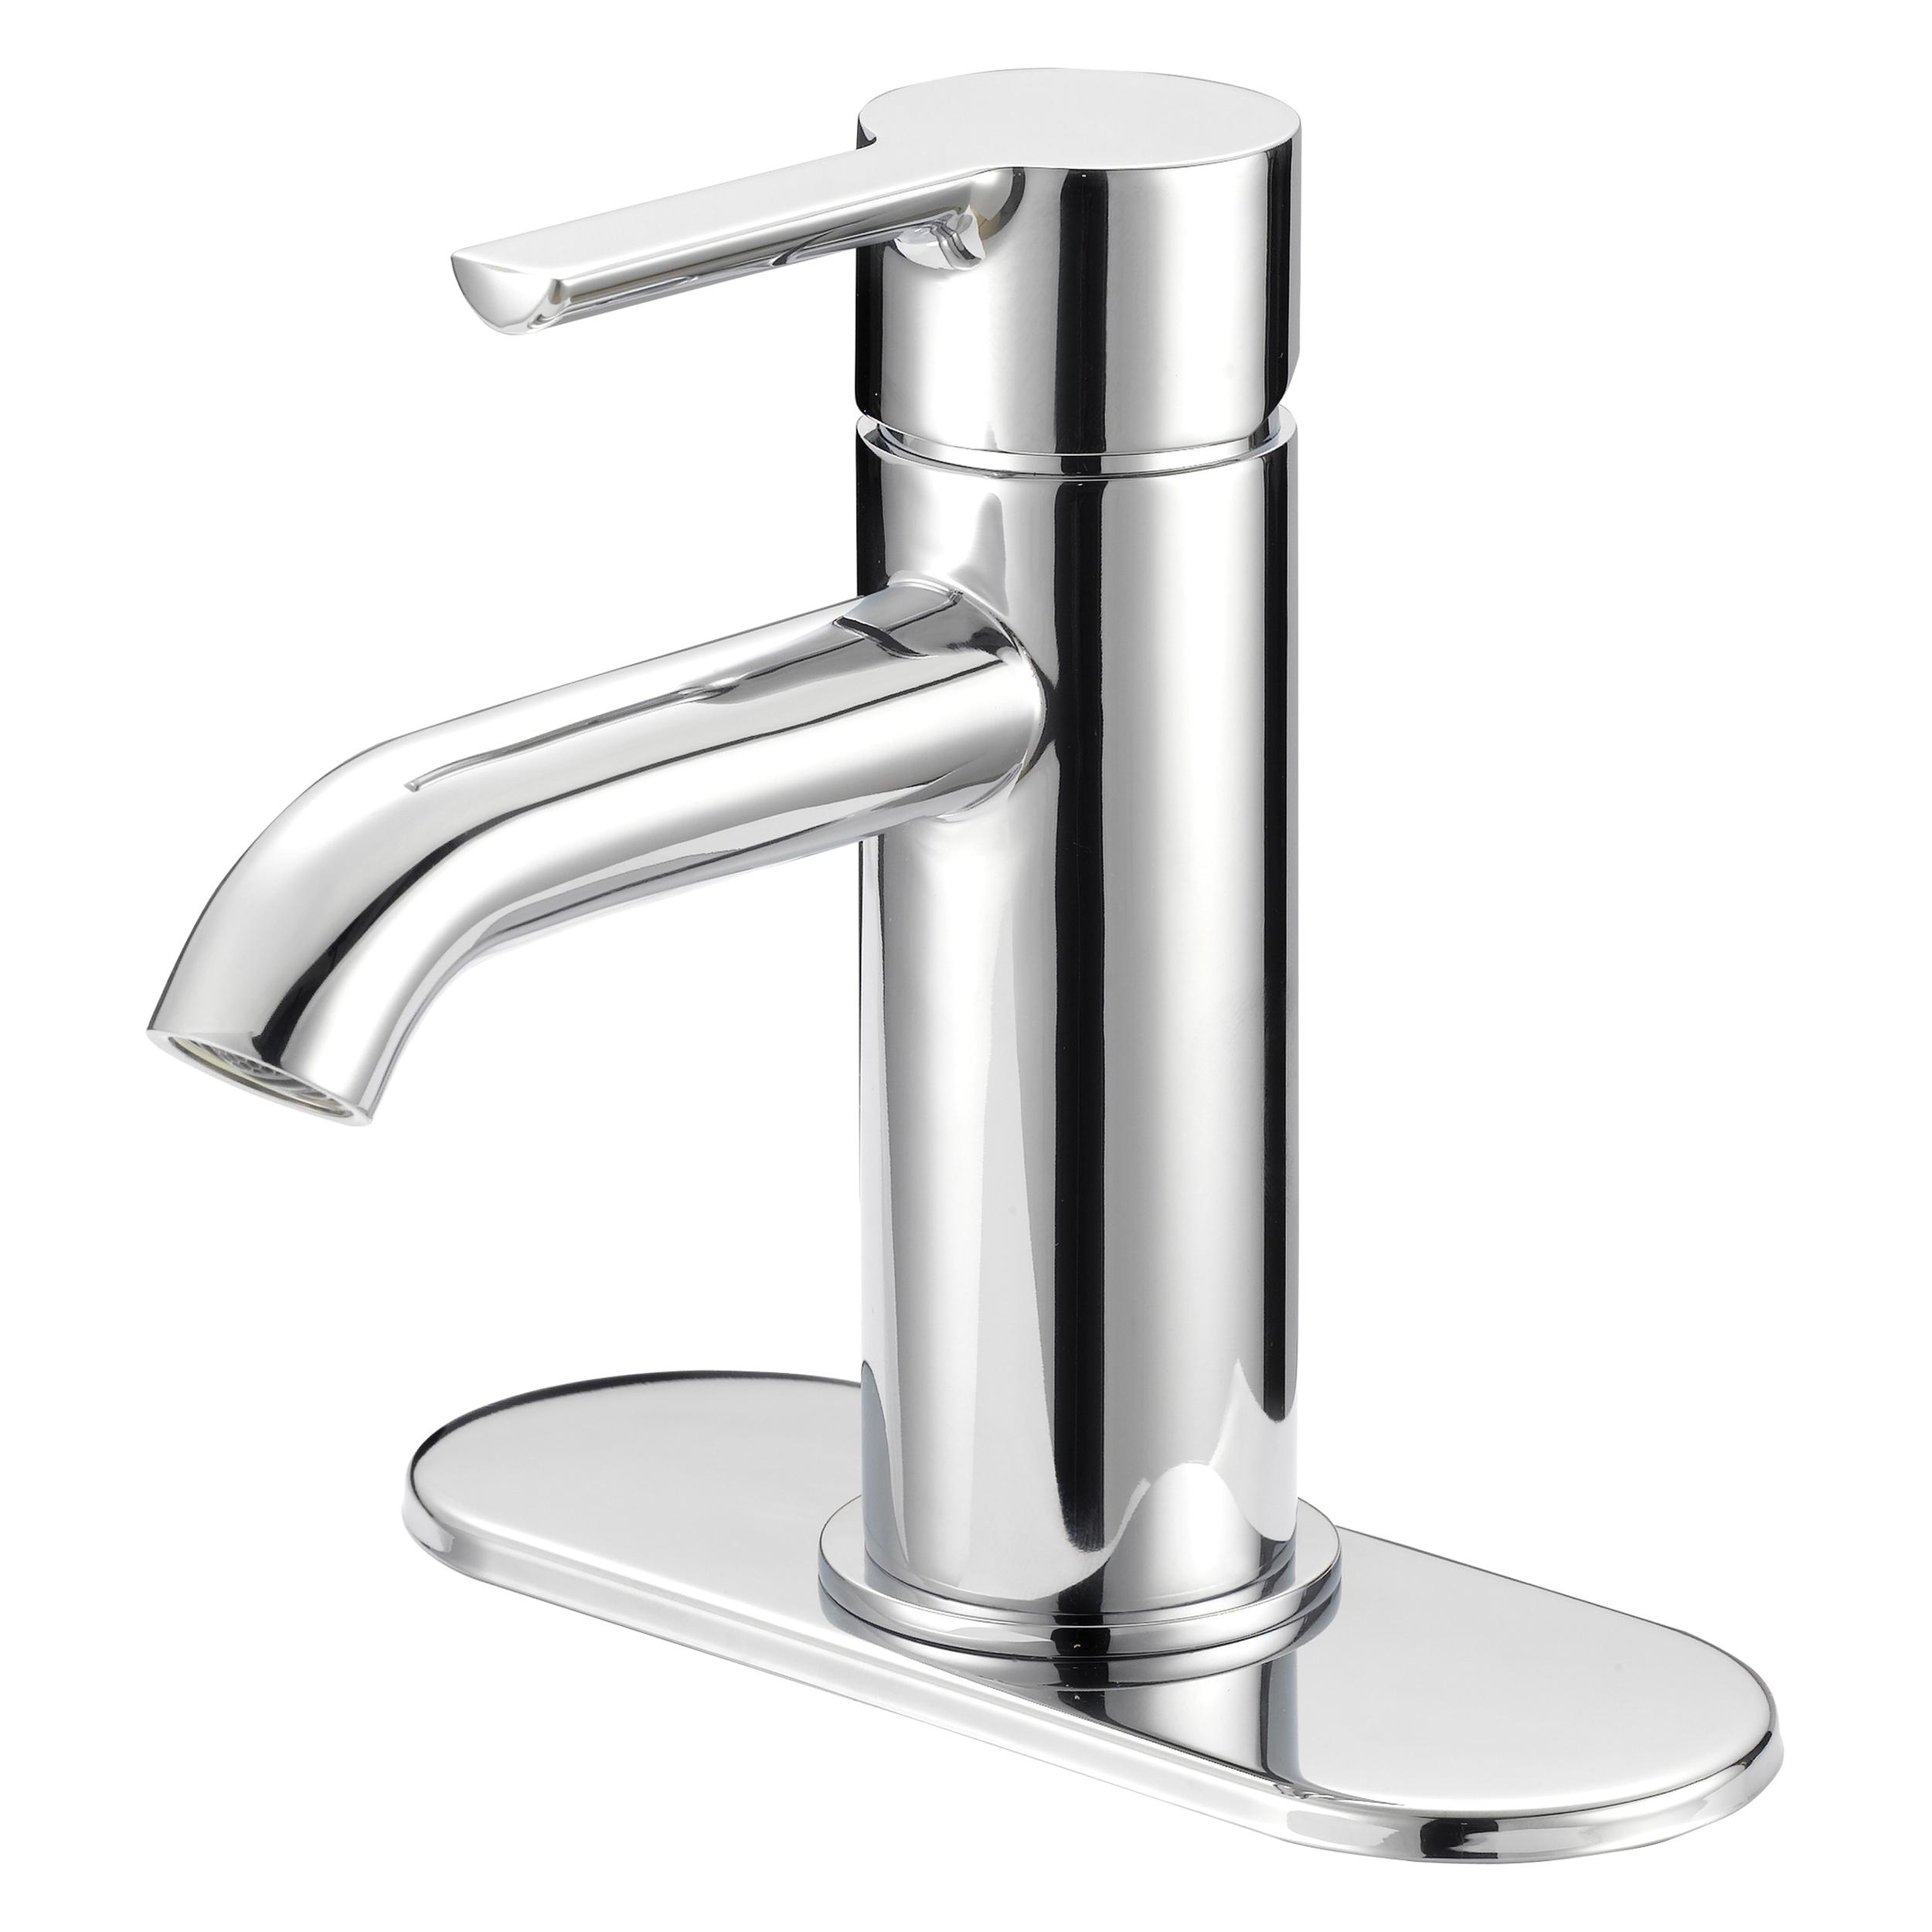 Picture of Boston Harbor FS6A0128CP Bathroom Faucet, 1-Faucet Handle, 1, 3-Faucet Hole, Chrome, Lever Handle